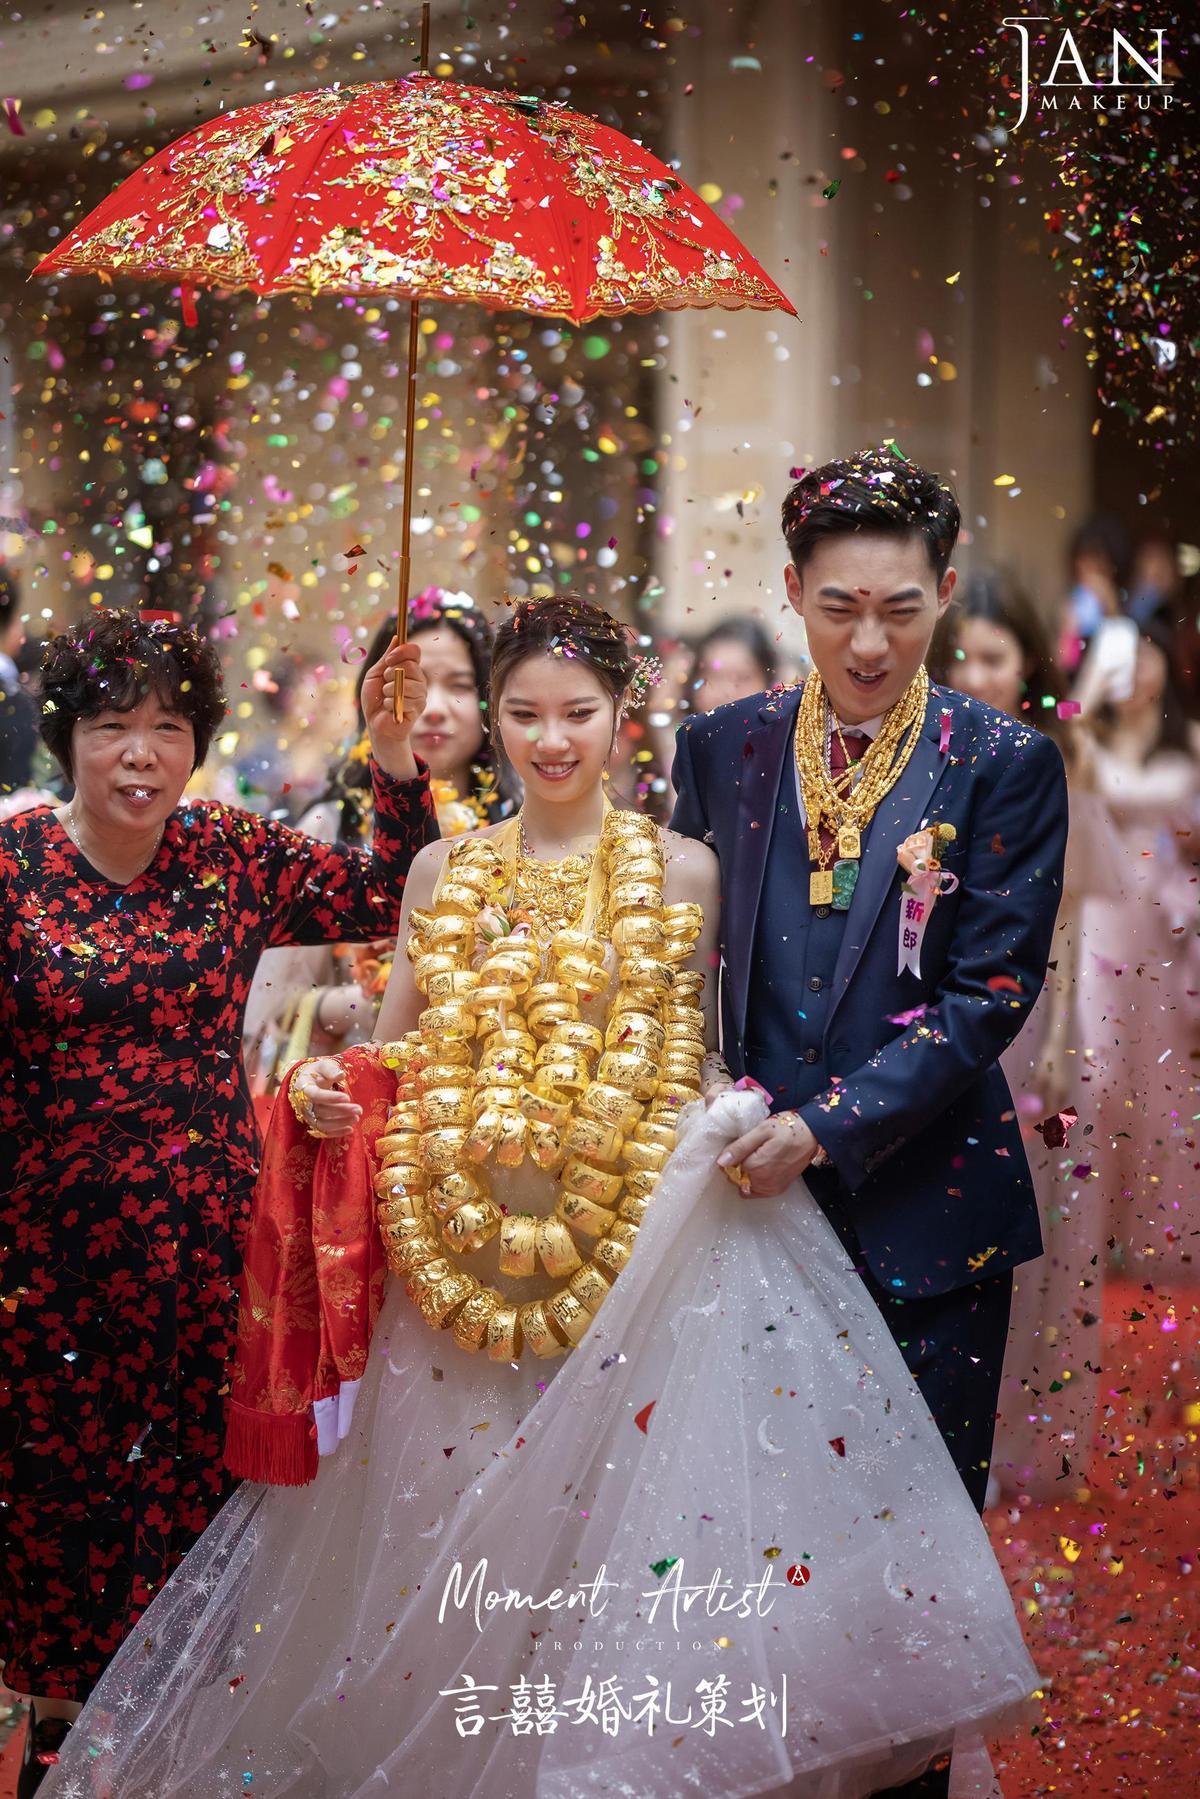 新娘脖子上掛了3條由龍鳳手鐲做的金項鍊,仍挺直了背、抬起頸部,撐起驚人的重量。(翻攝JanMakeup微博)